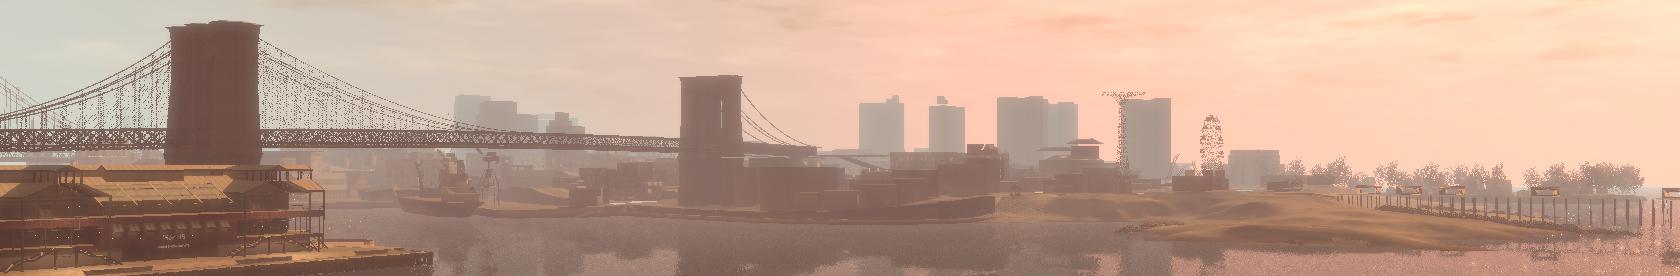 панорама города - Grand Theft Auto 4